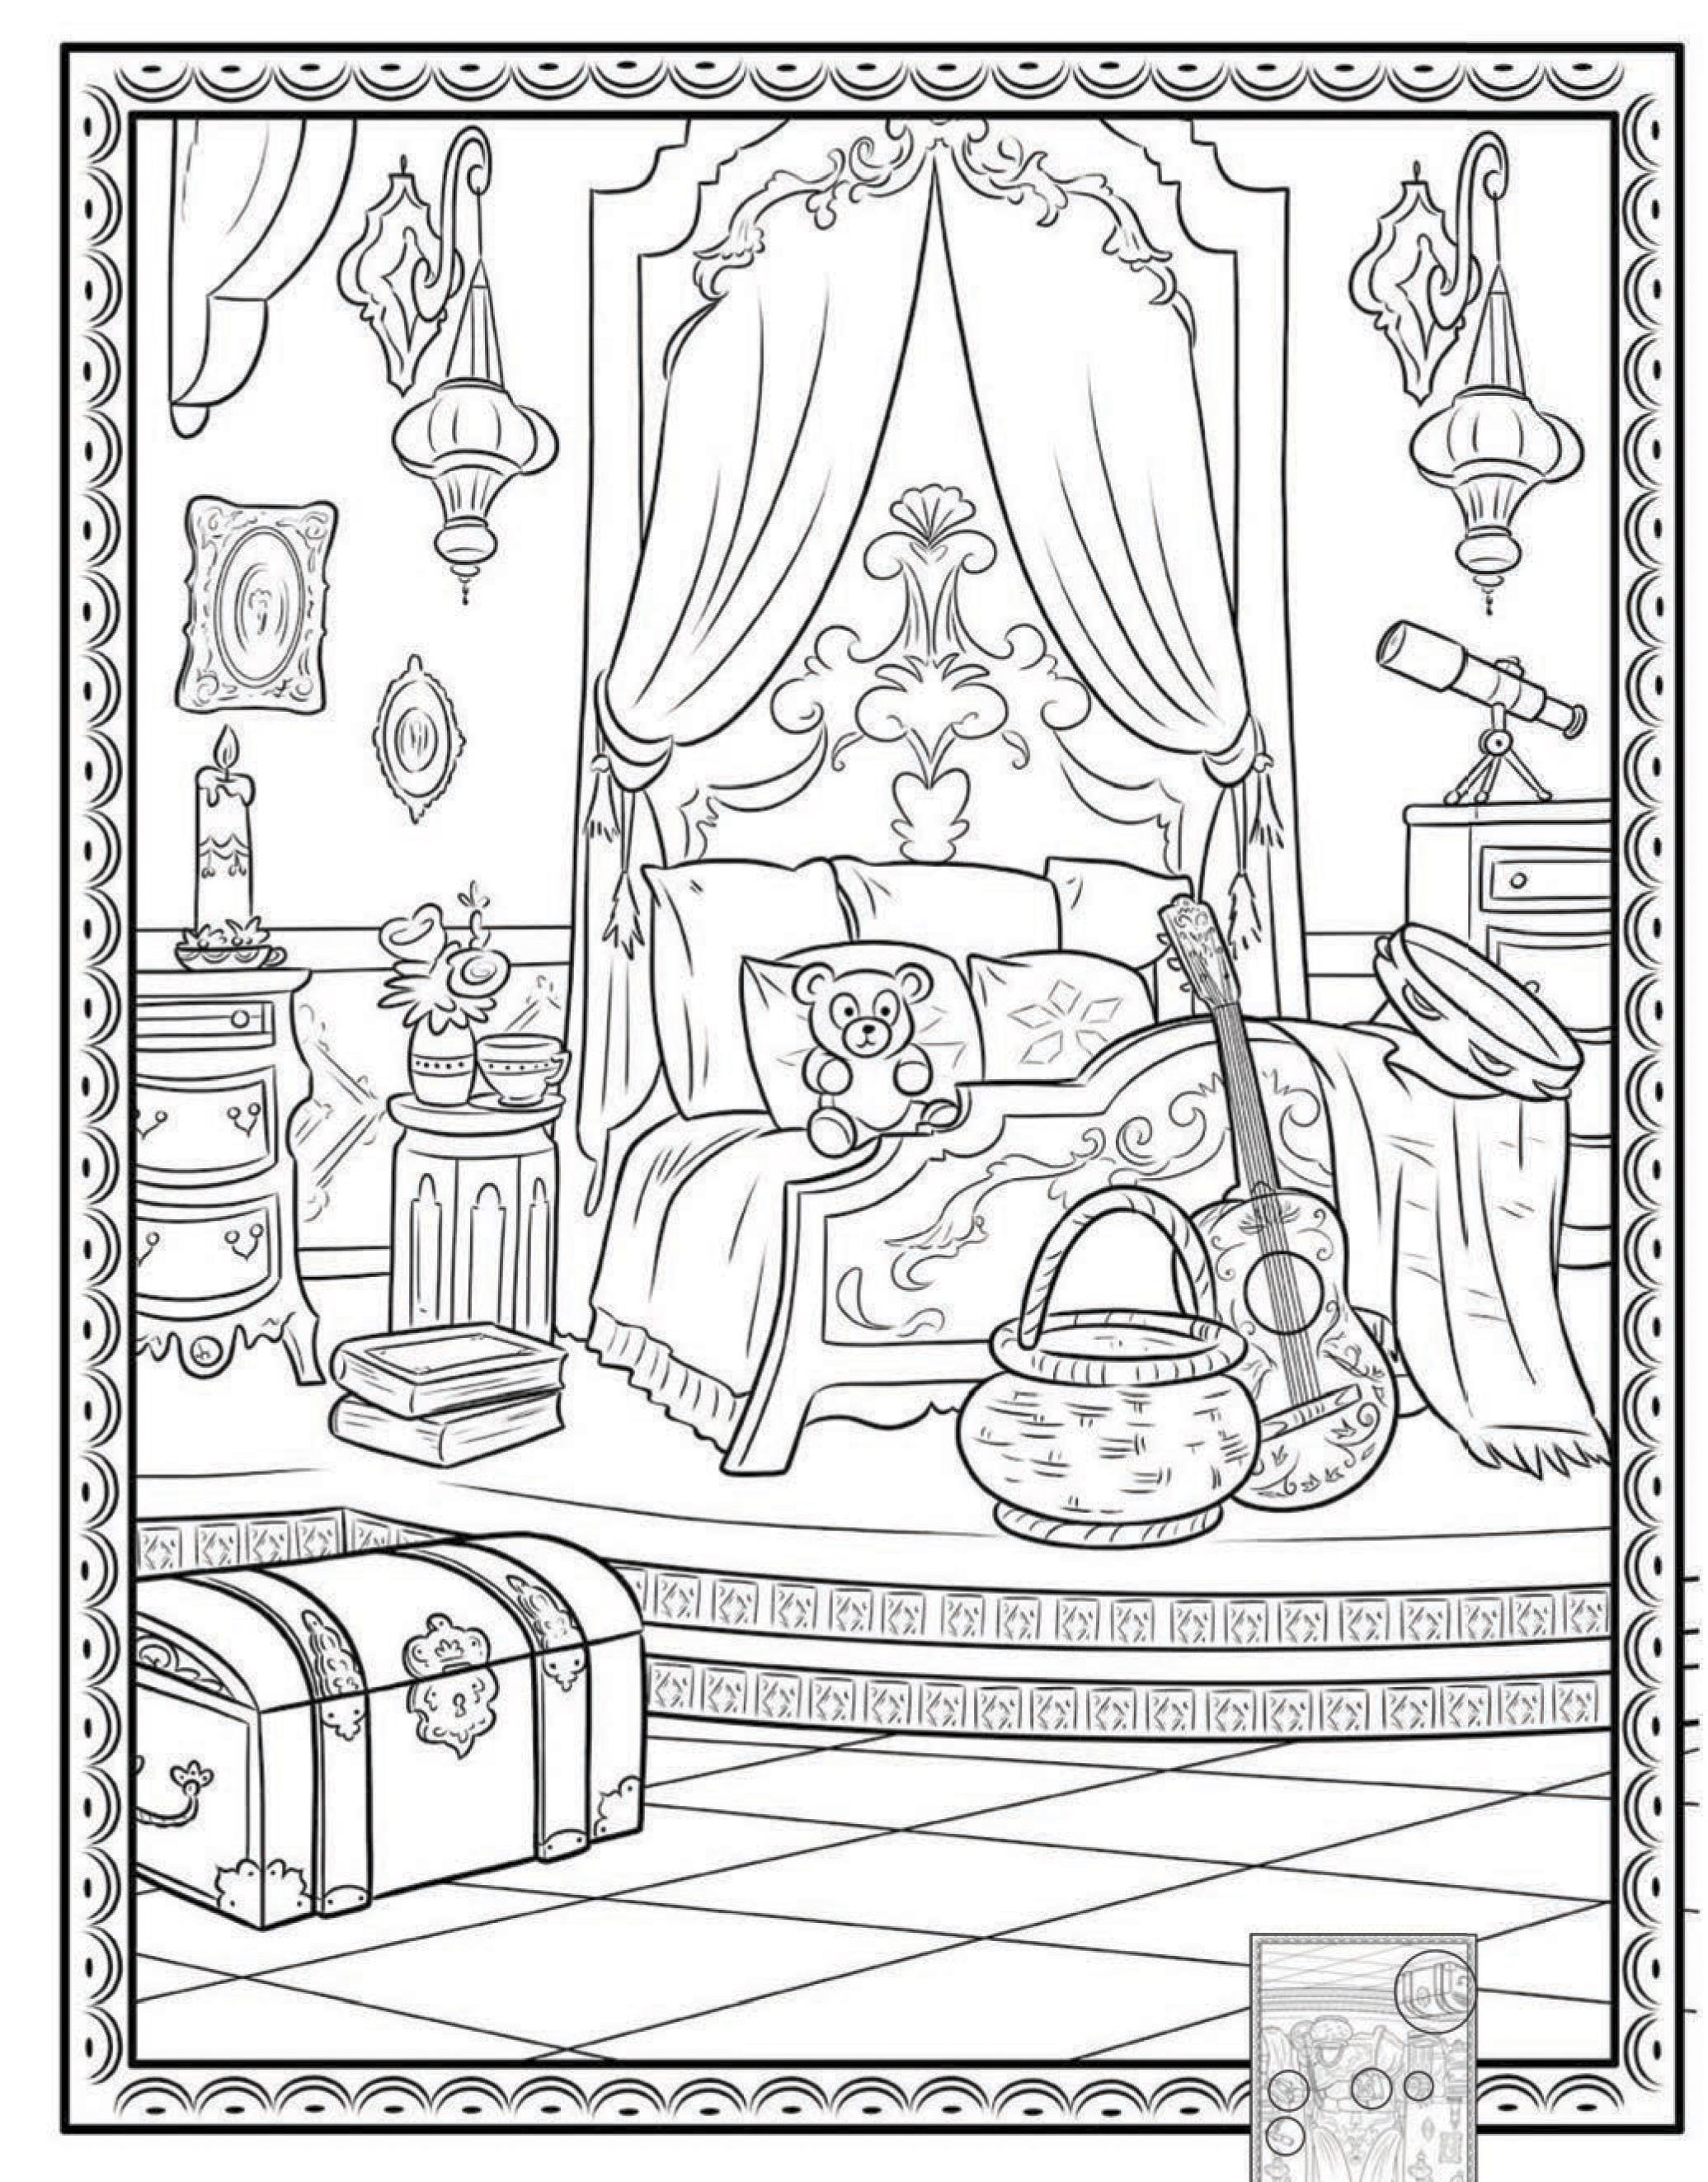 Раскраска комната принцессы Елены - Раскраски Елена ...